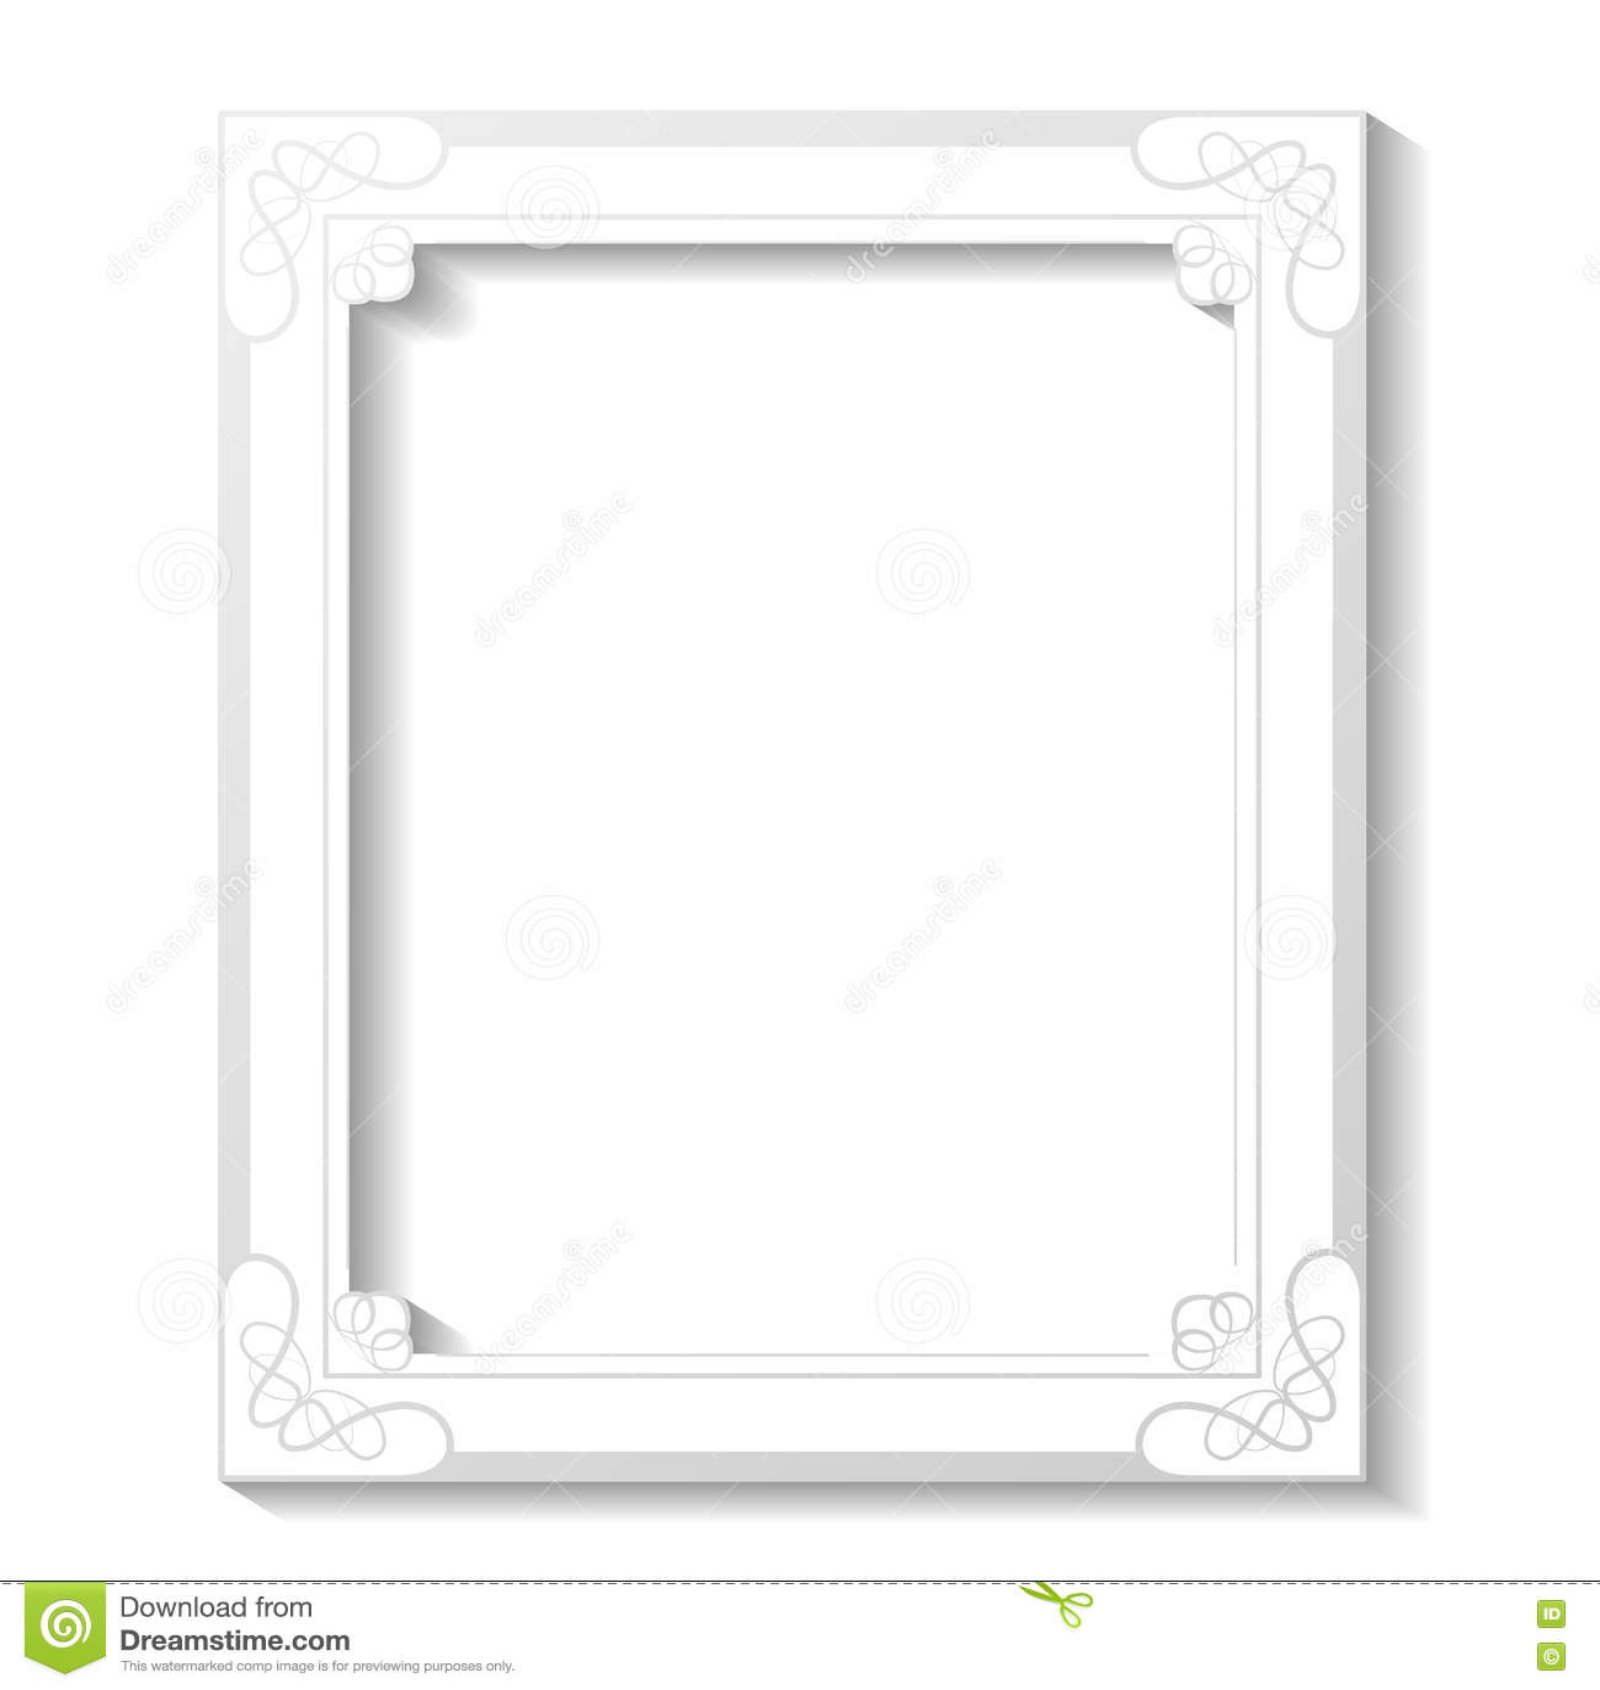 Άσπρο διακοσμητικό πλαίσιο στο άσπρο υπόβαθρο Πλαίσιο ορθογωνίων διακοσμήσεων για τη φωτογραφία σας σύνορα διακοσμητικά